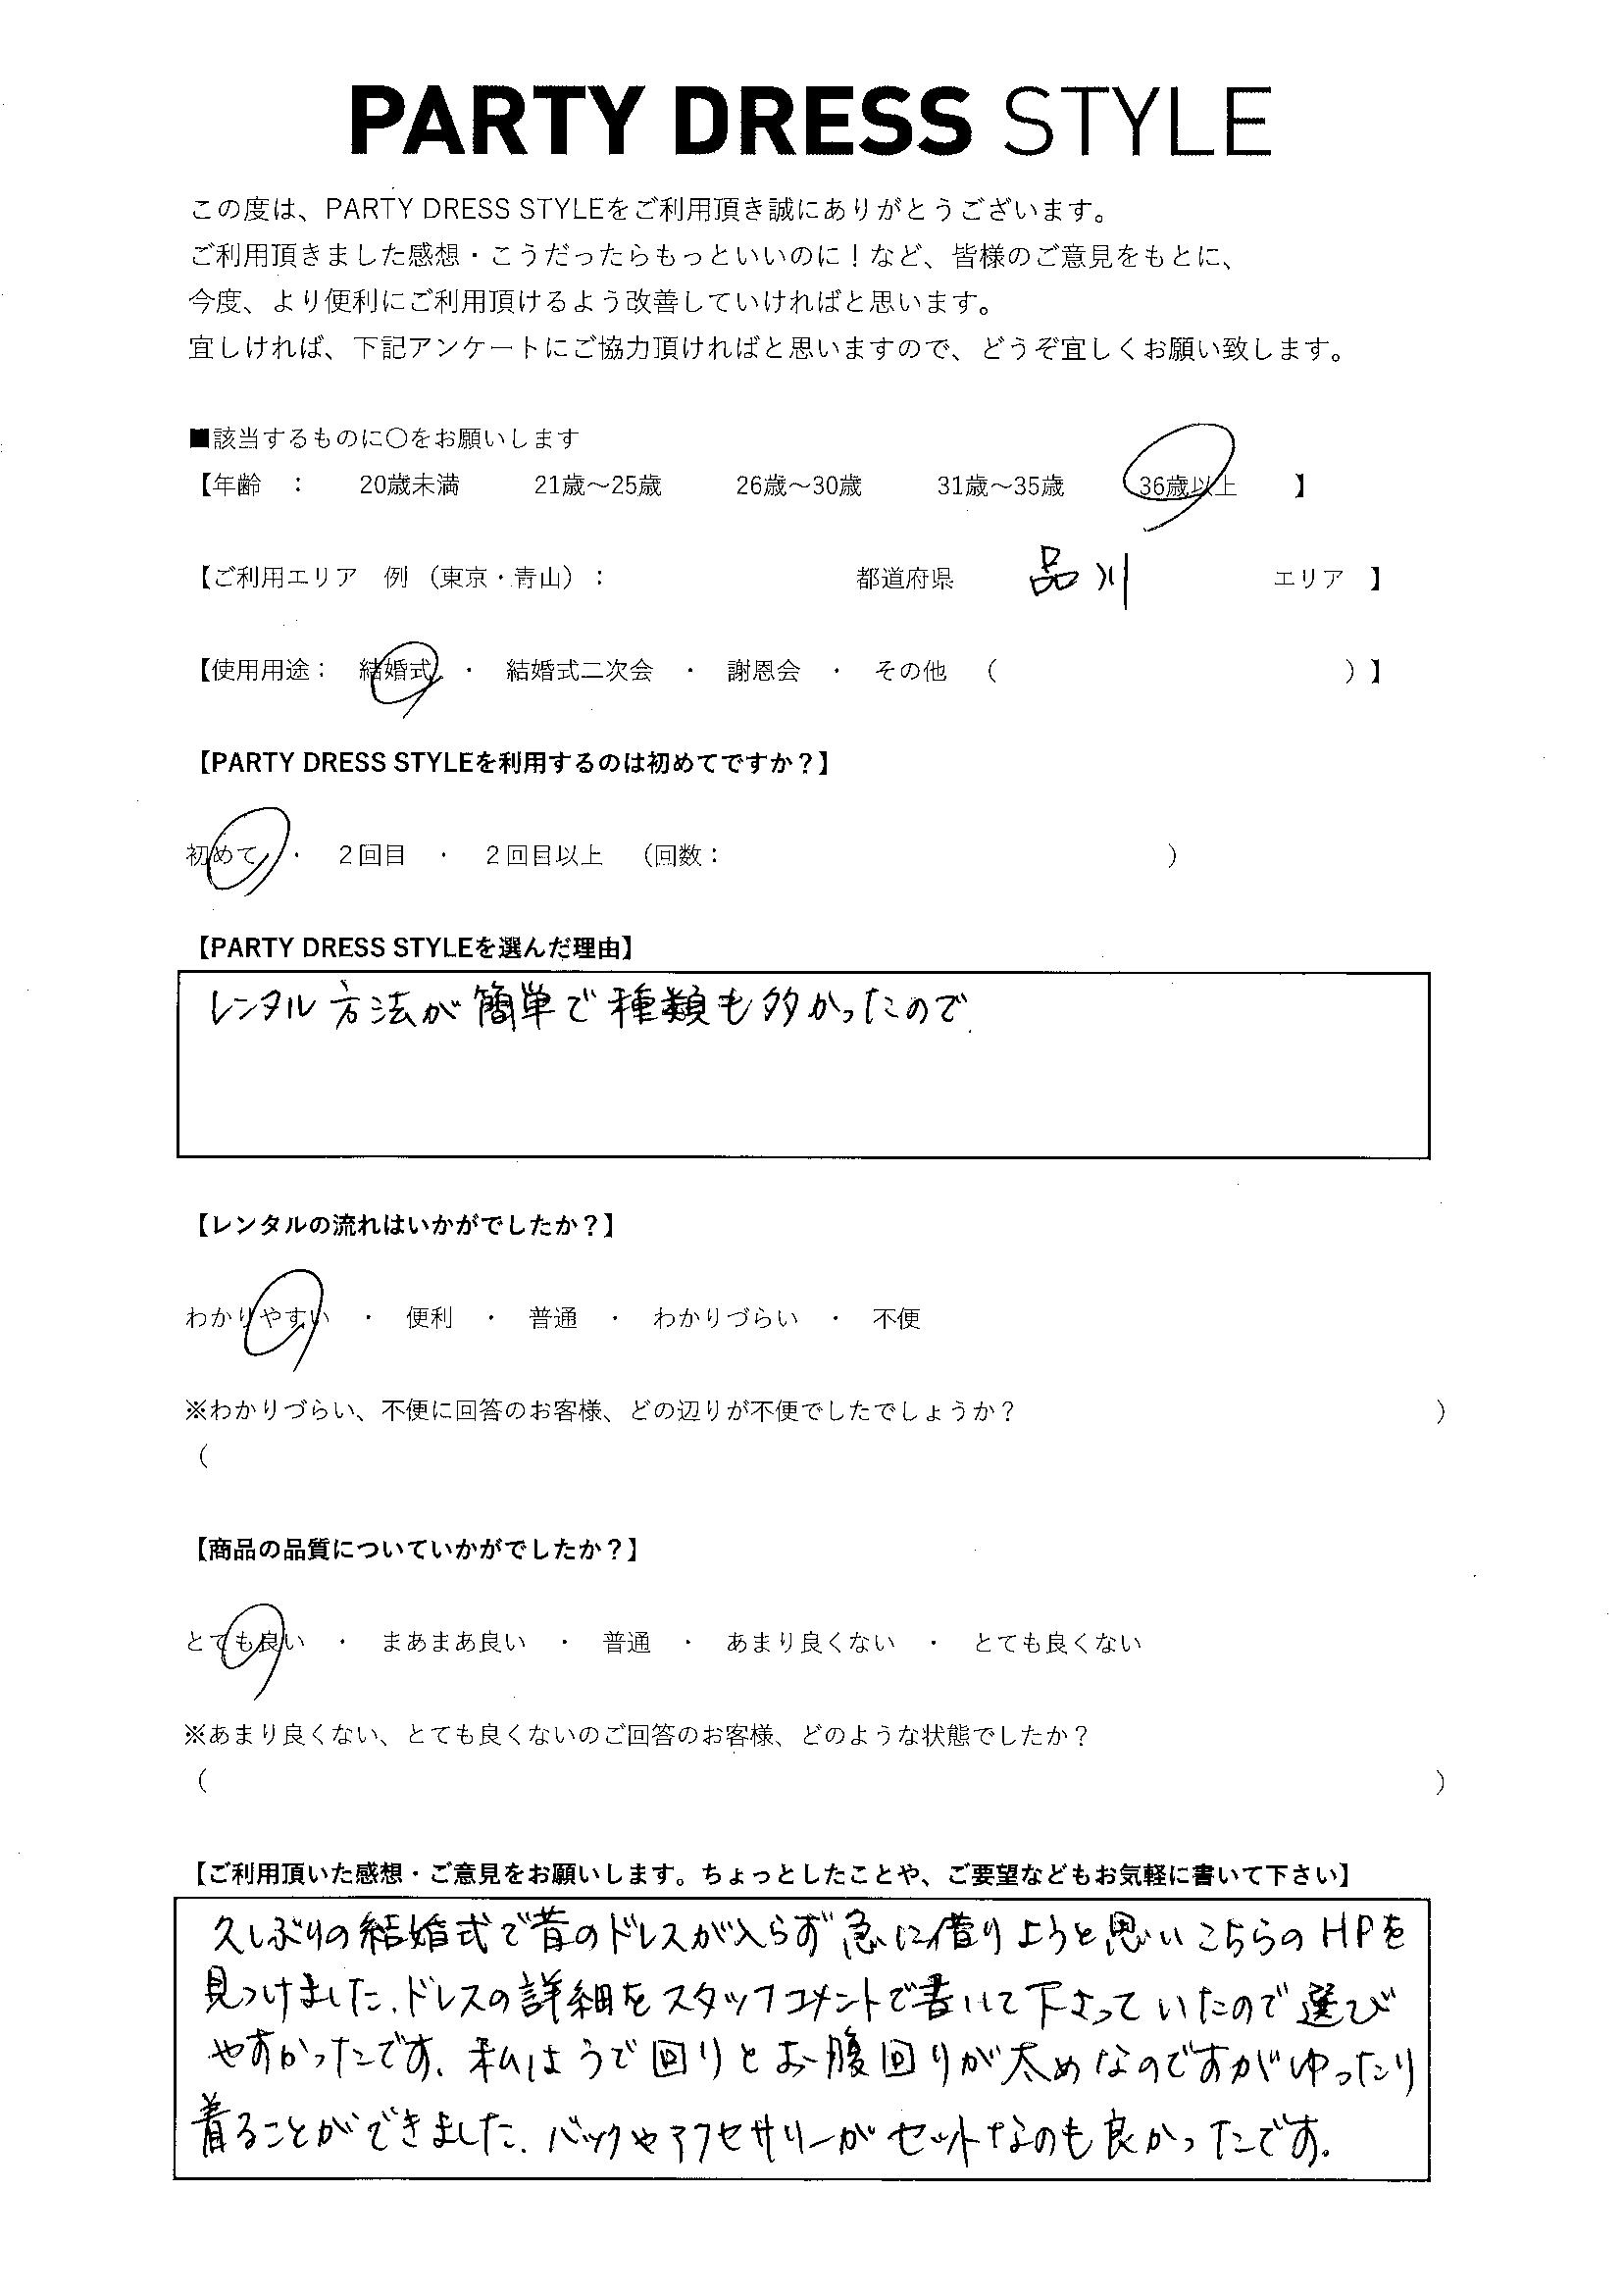 7/4結婚式ご利用 東京・品川エリア